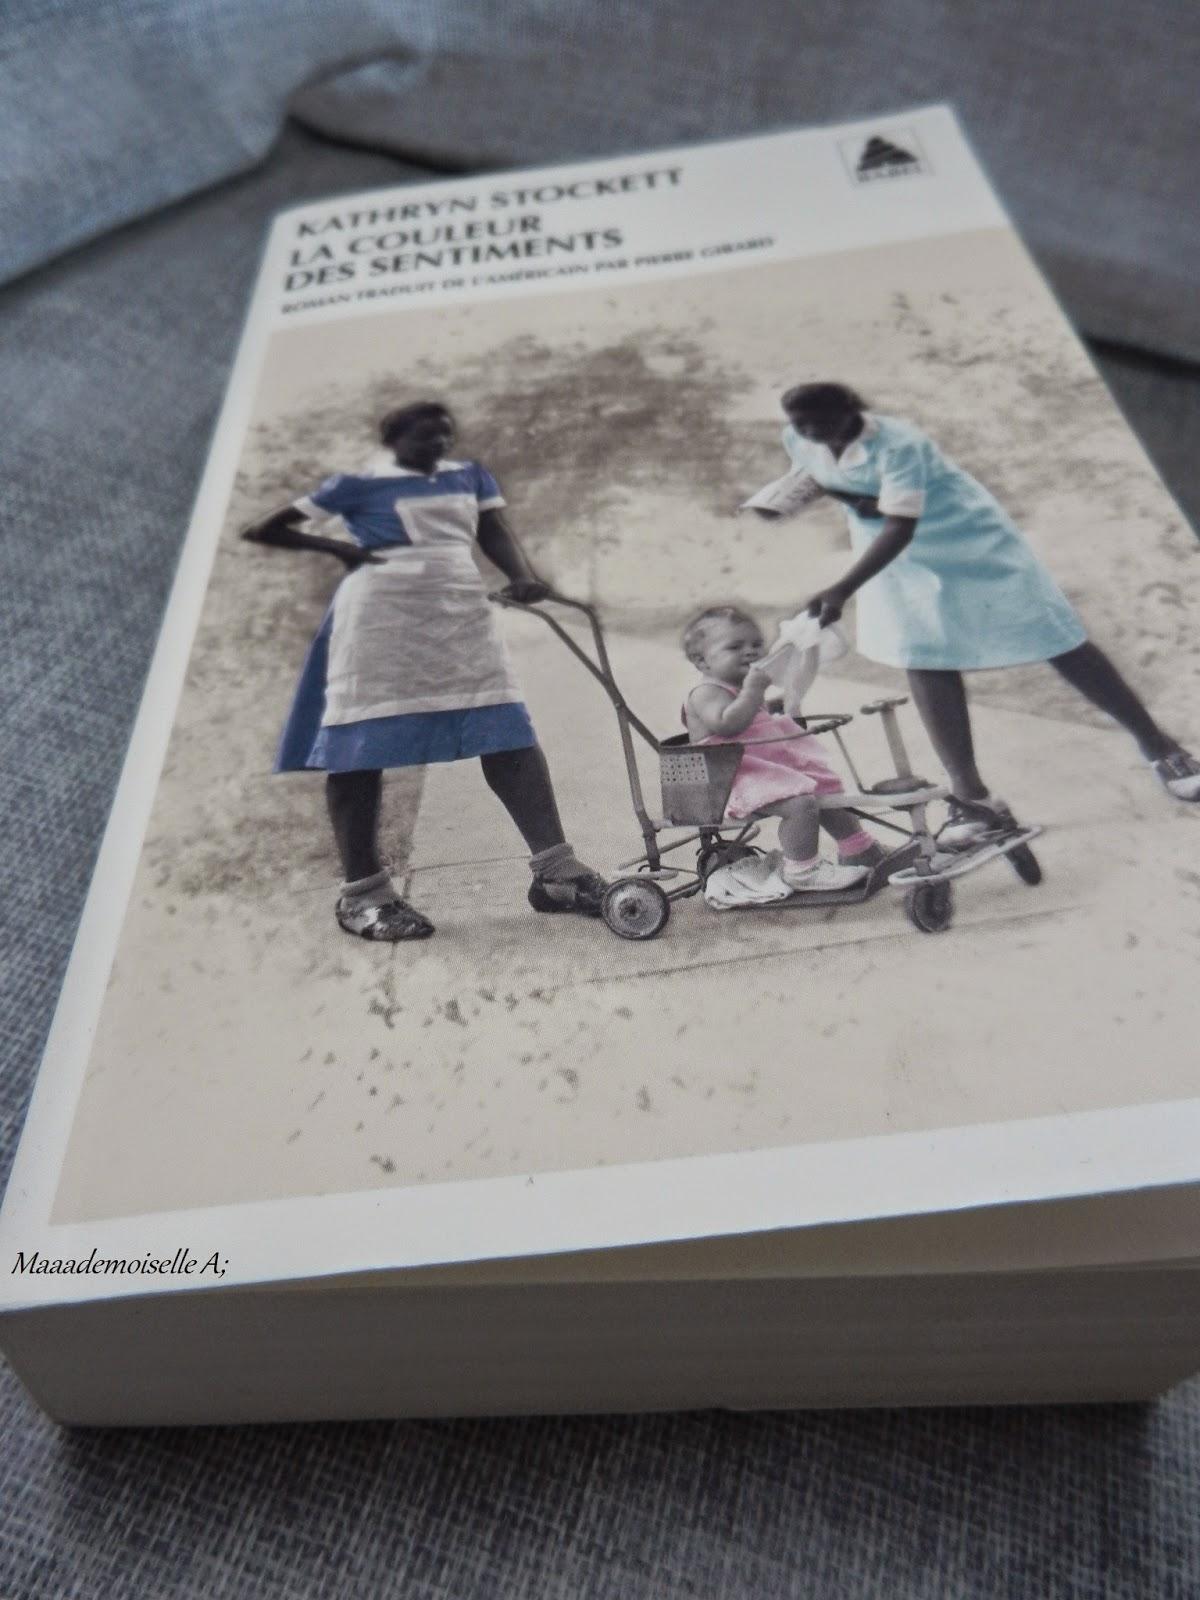 [Livre : Présentation & Avis] La couleur des sentiments, par Kathryn Stockett